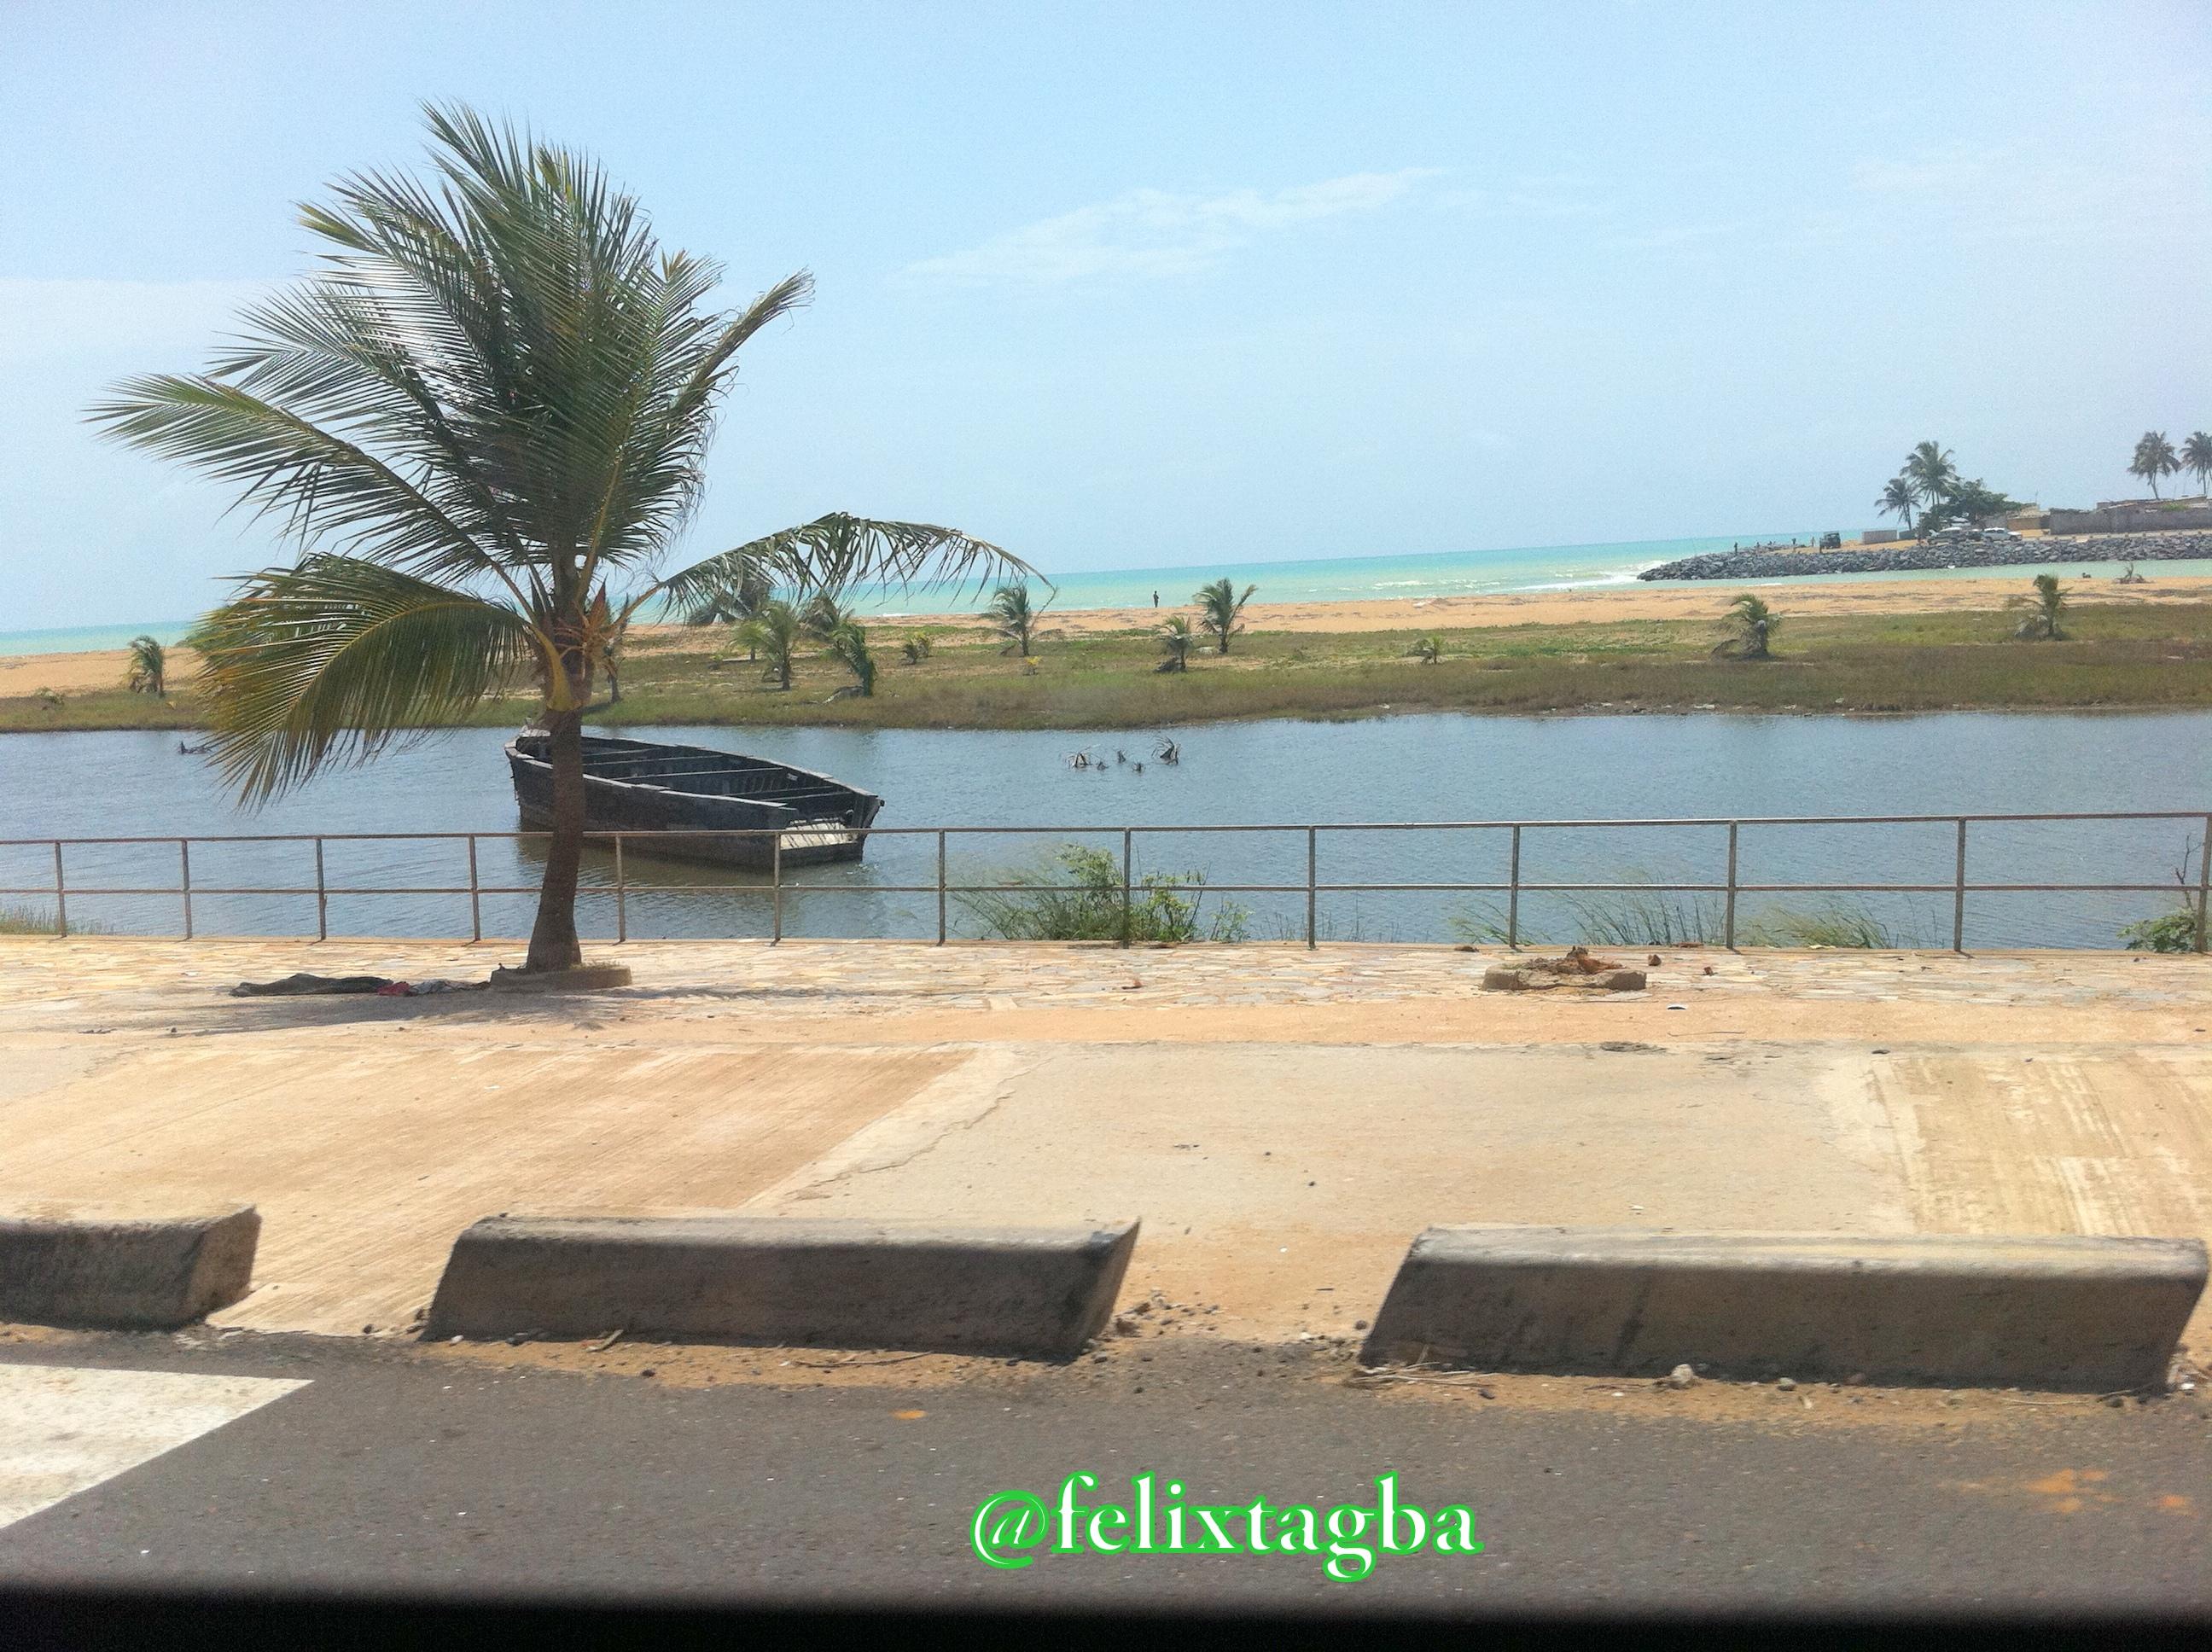 Au bord du fleuve Mono, Sur la route d'Aklakou au Togo